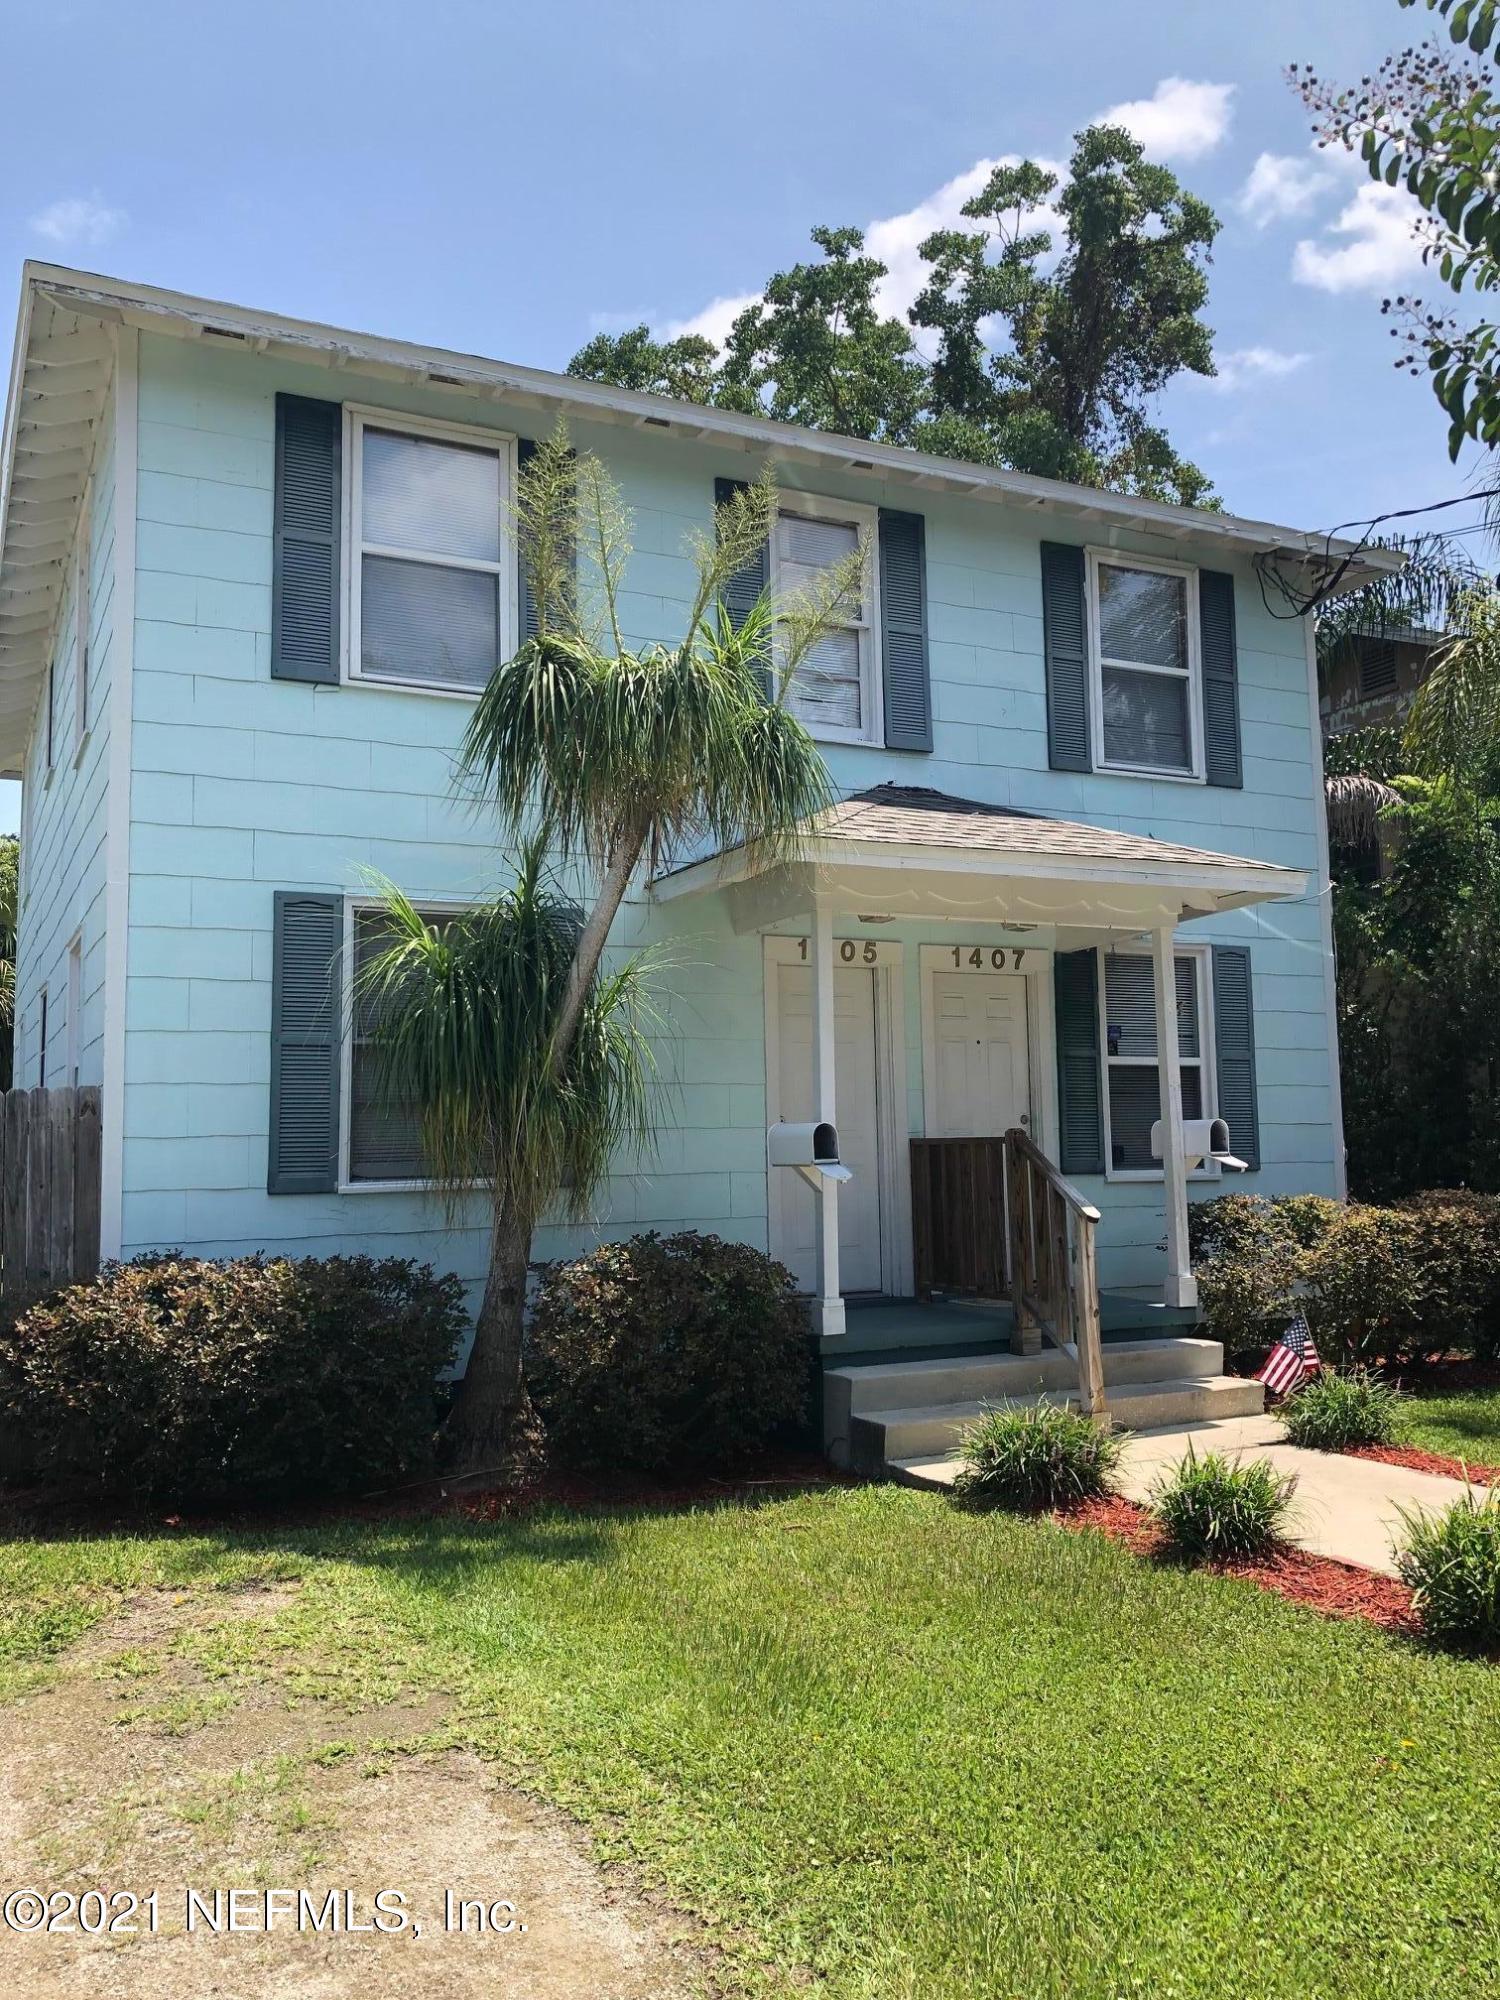 1407 Dancy St Jacksonville, FL 32205